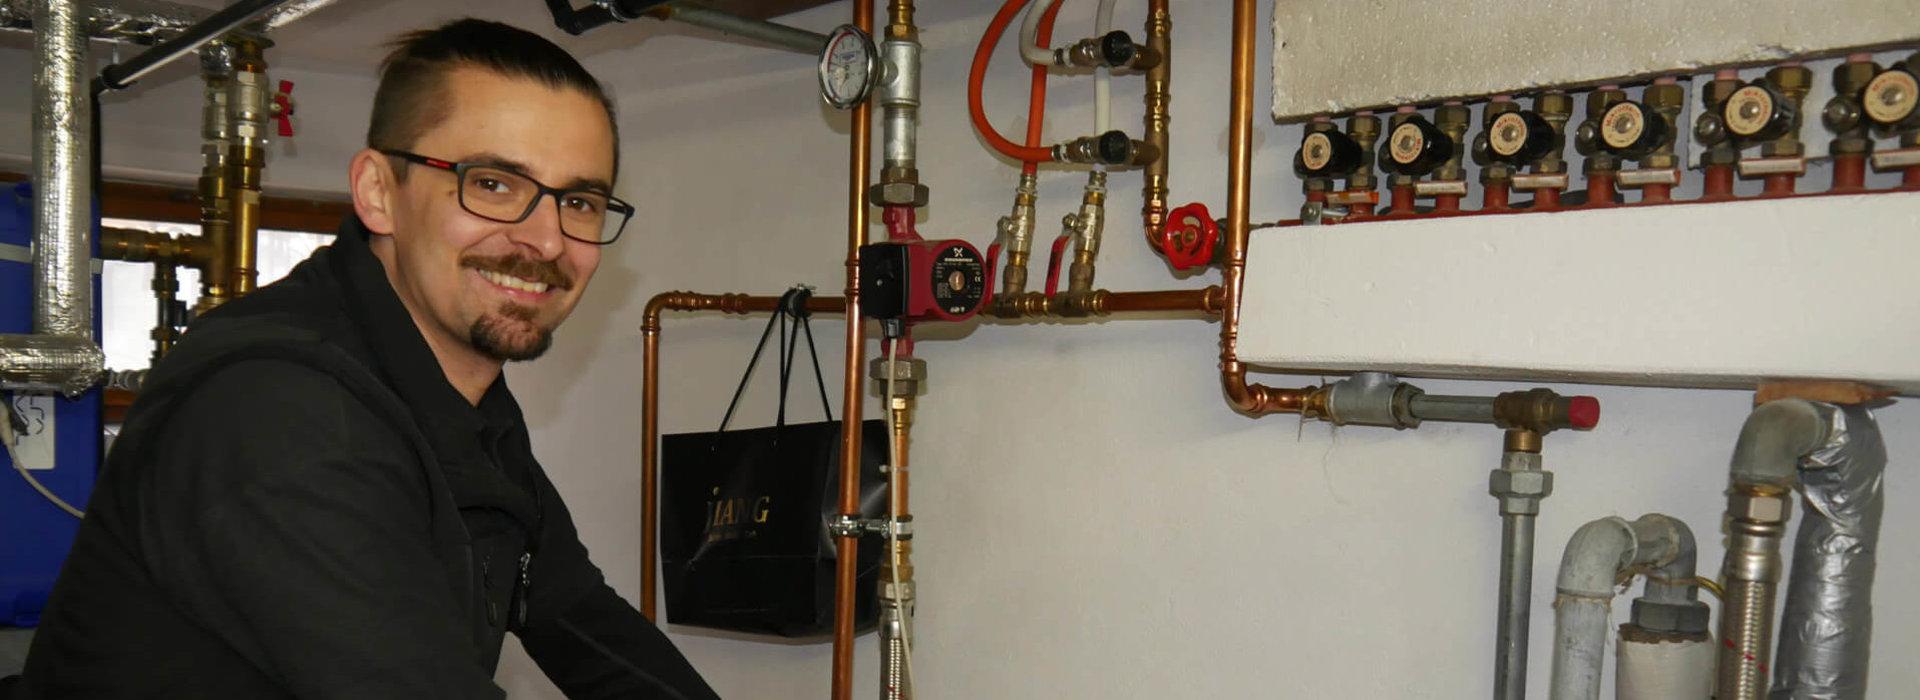 Michael Unterlechner beim Ölbrenner Service